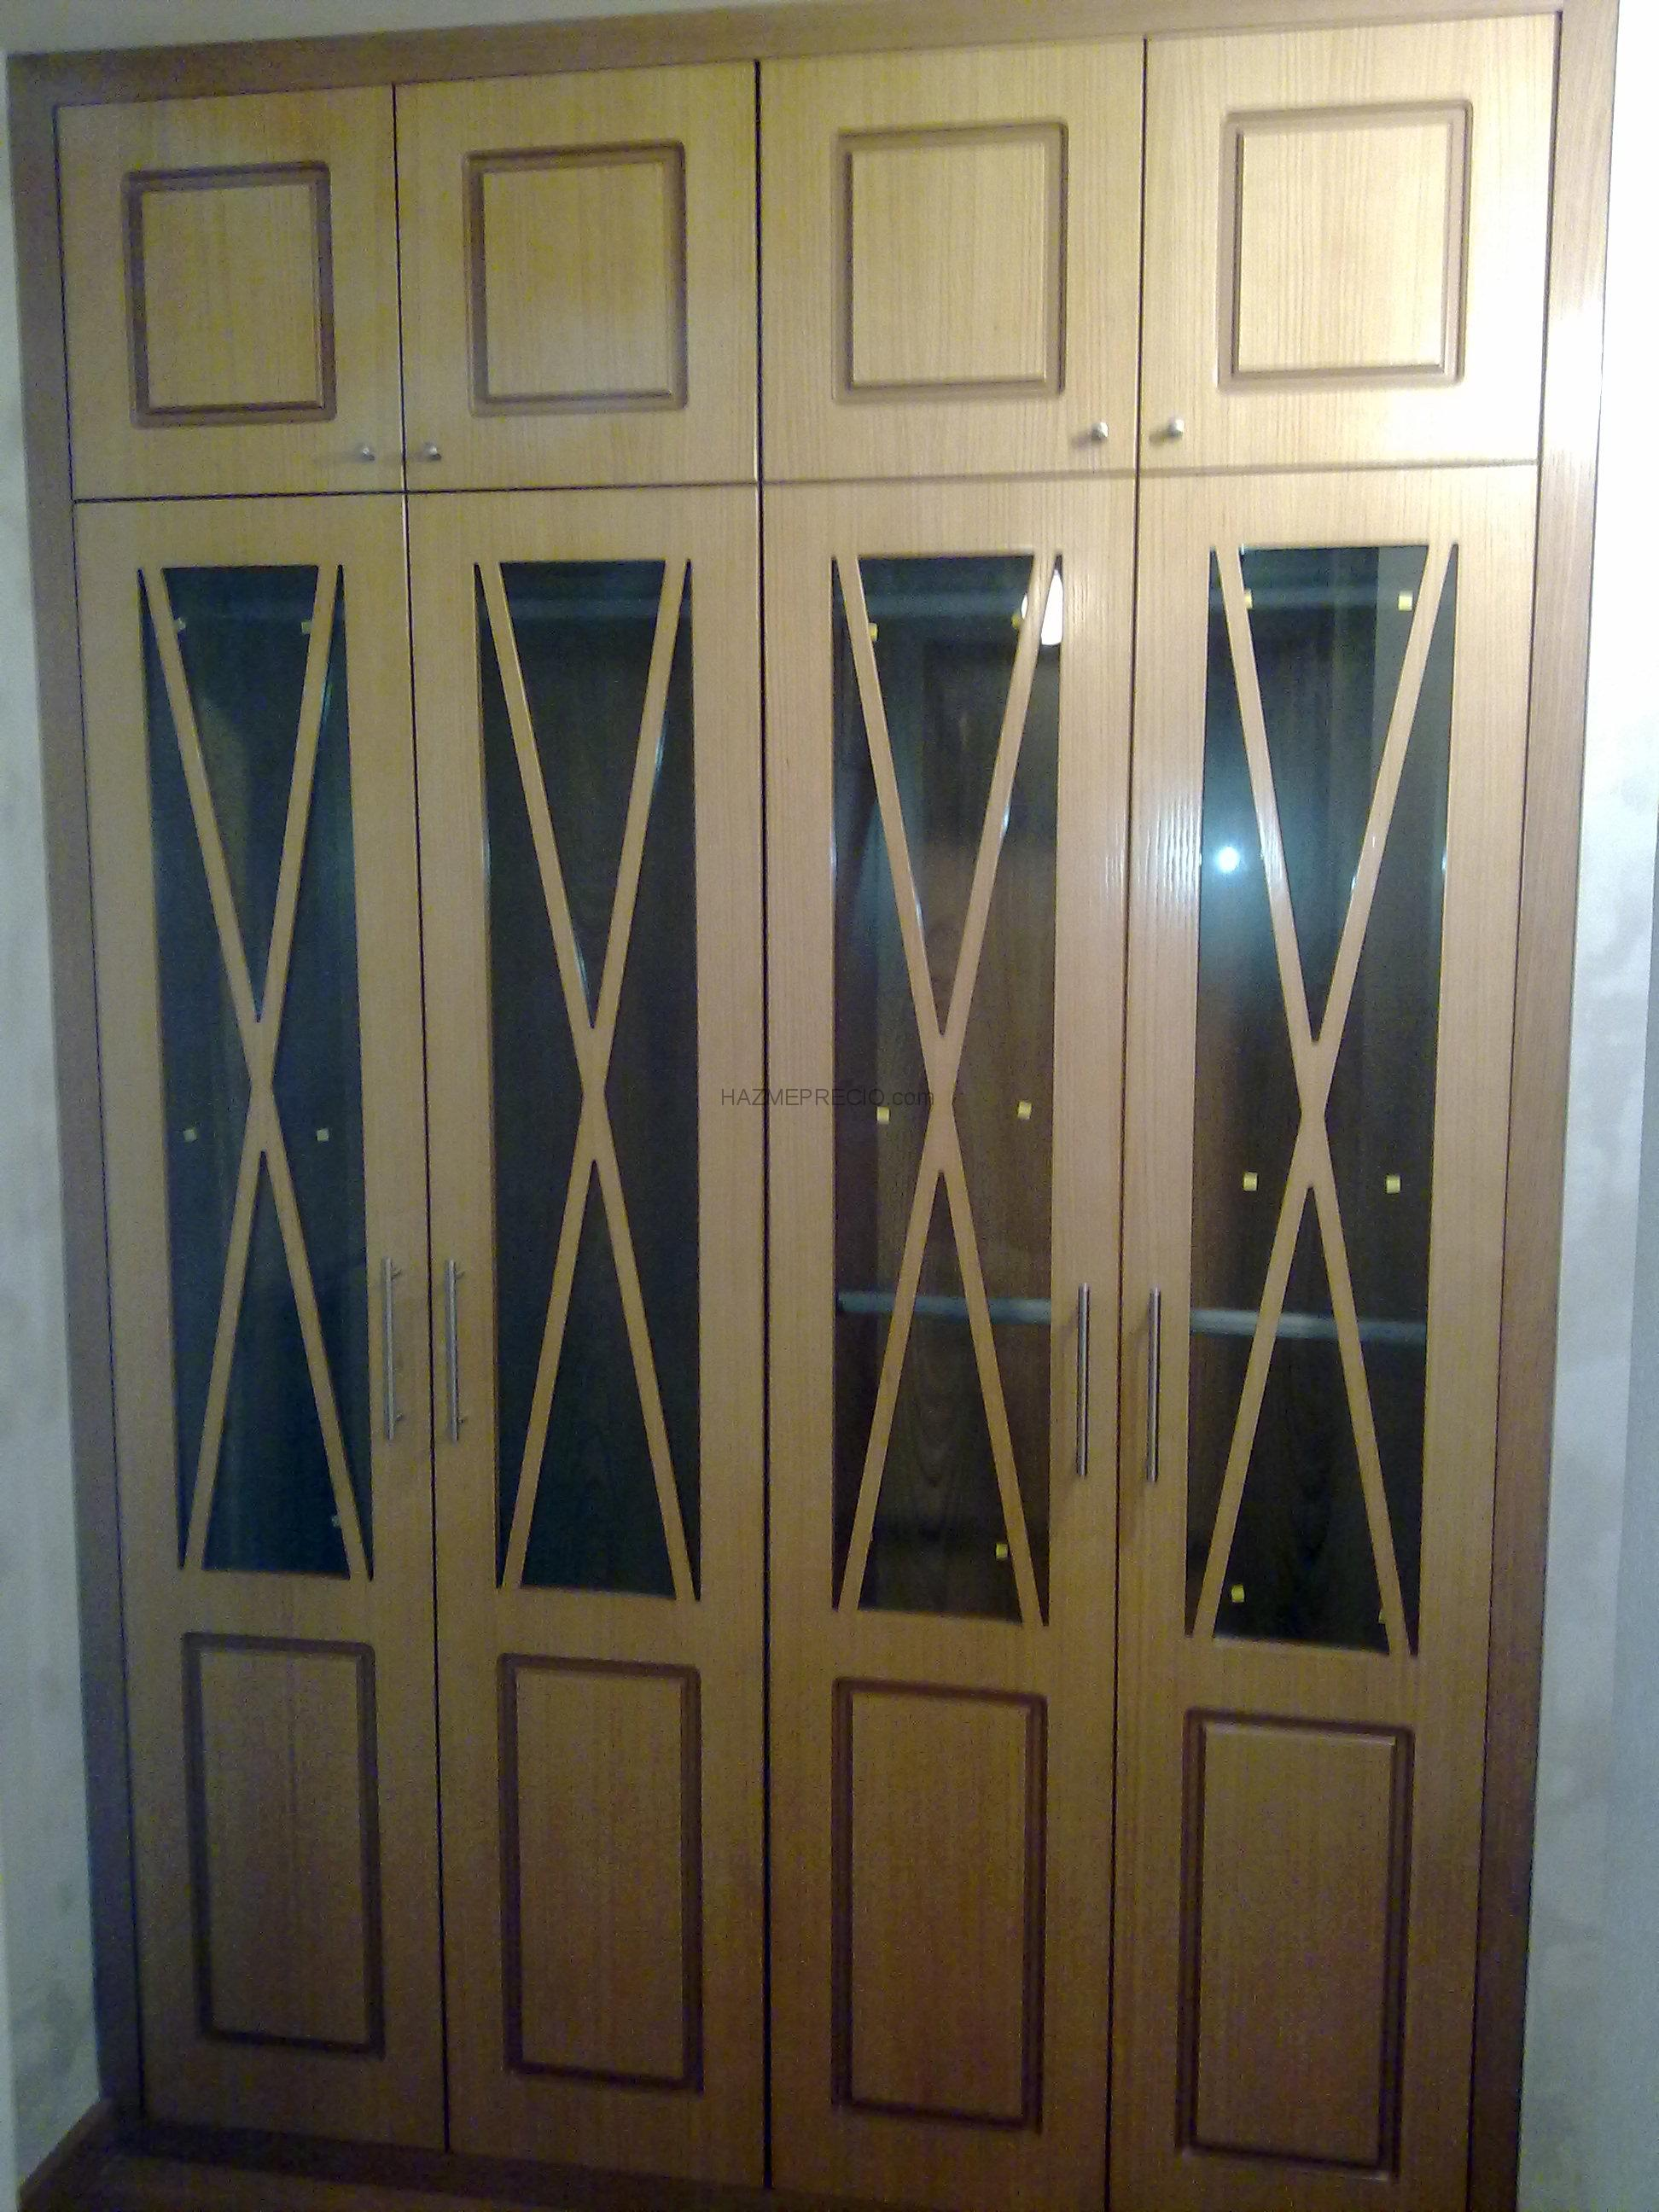 Presupuesto para suministrar puertas de interior 6 ciegas - Puertas interior asturias ...